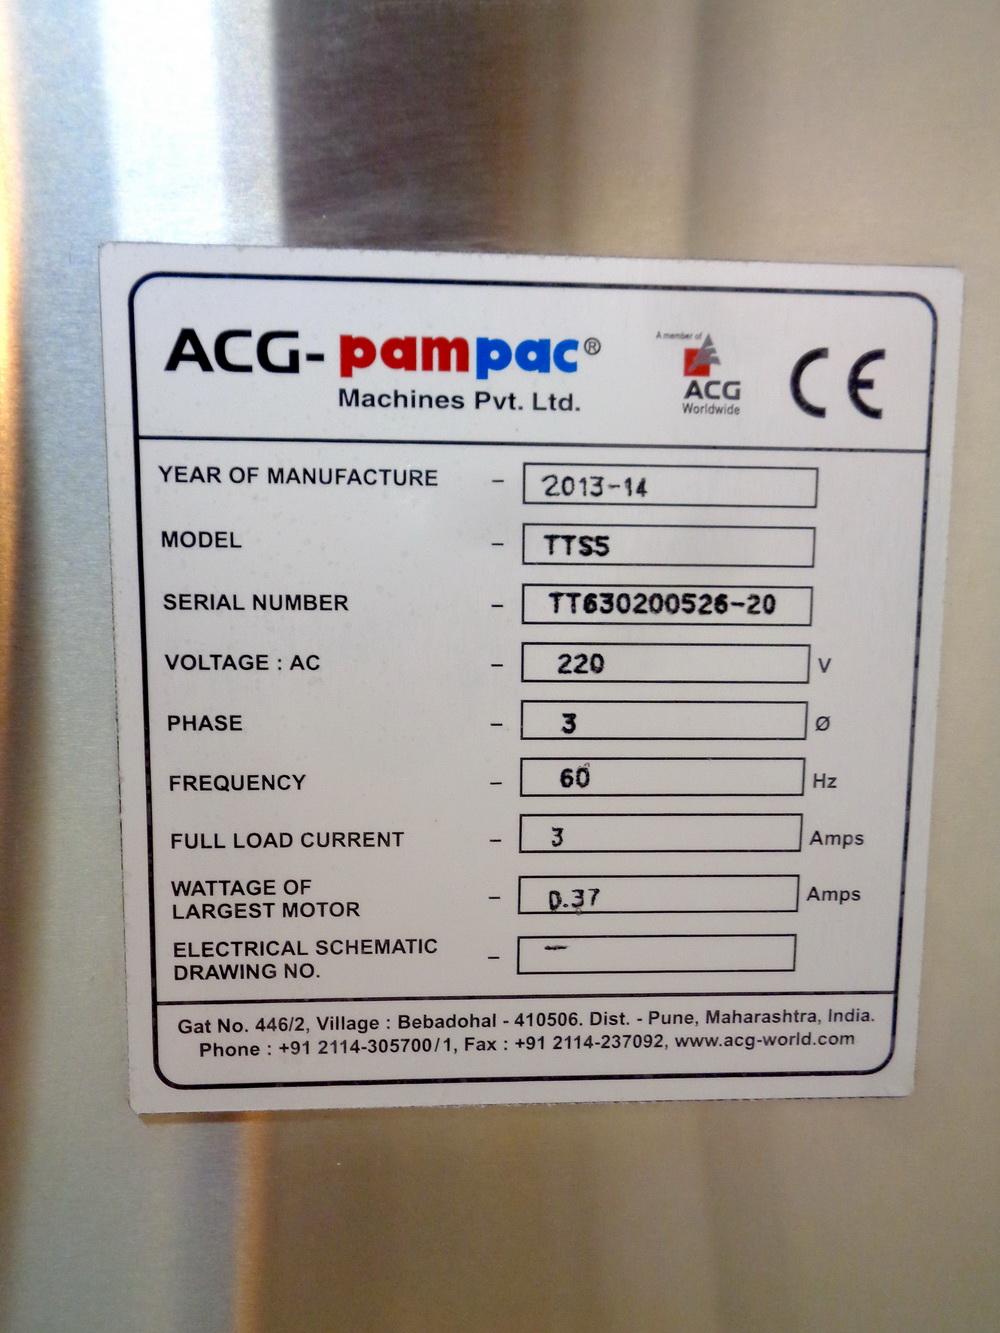 Lot 37 - Unused ACG PAM 5 Lane Tablet/Capsule Thickness Sorter, Model TTS-5, S/N TT630 2005 26-20